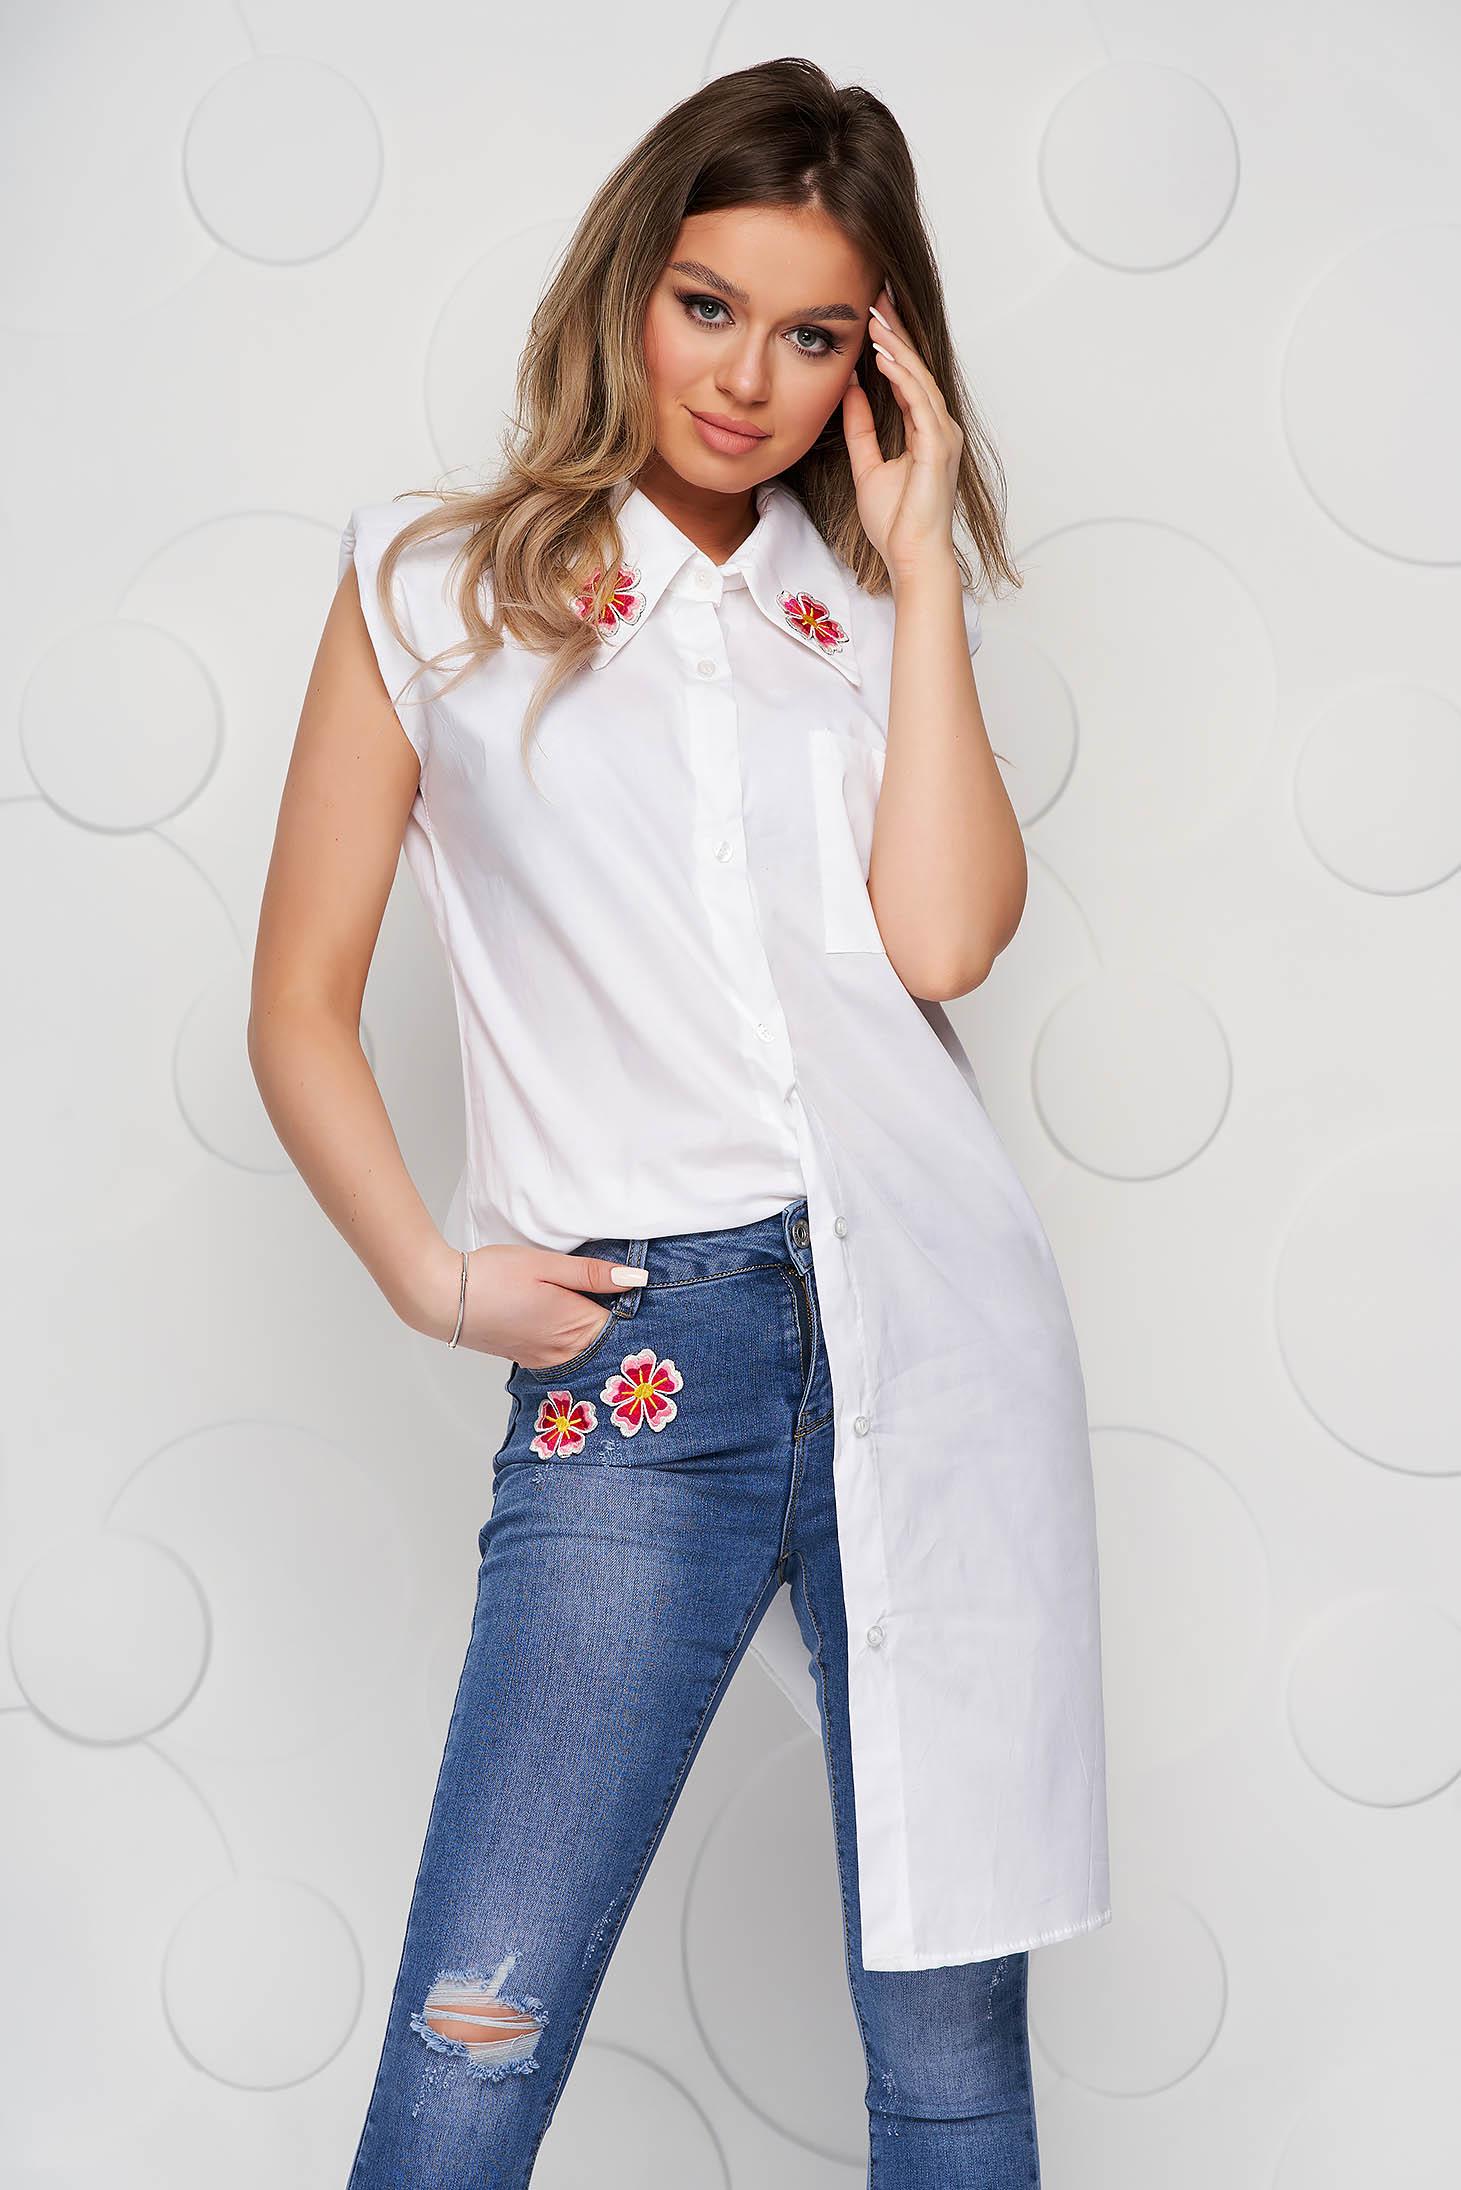 Bő szabású hímzett fehér női ing vékony szövetből rövid ujjakkal